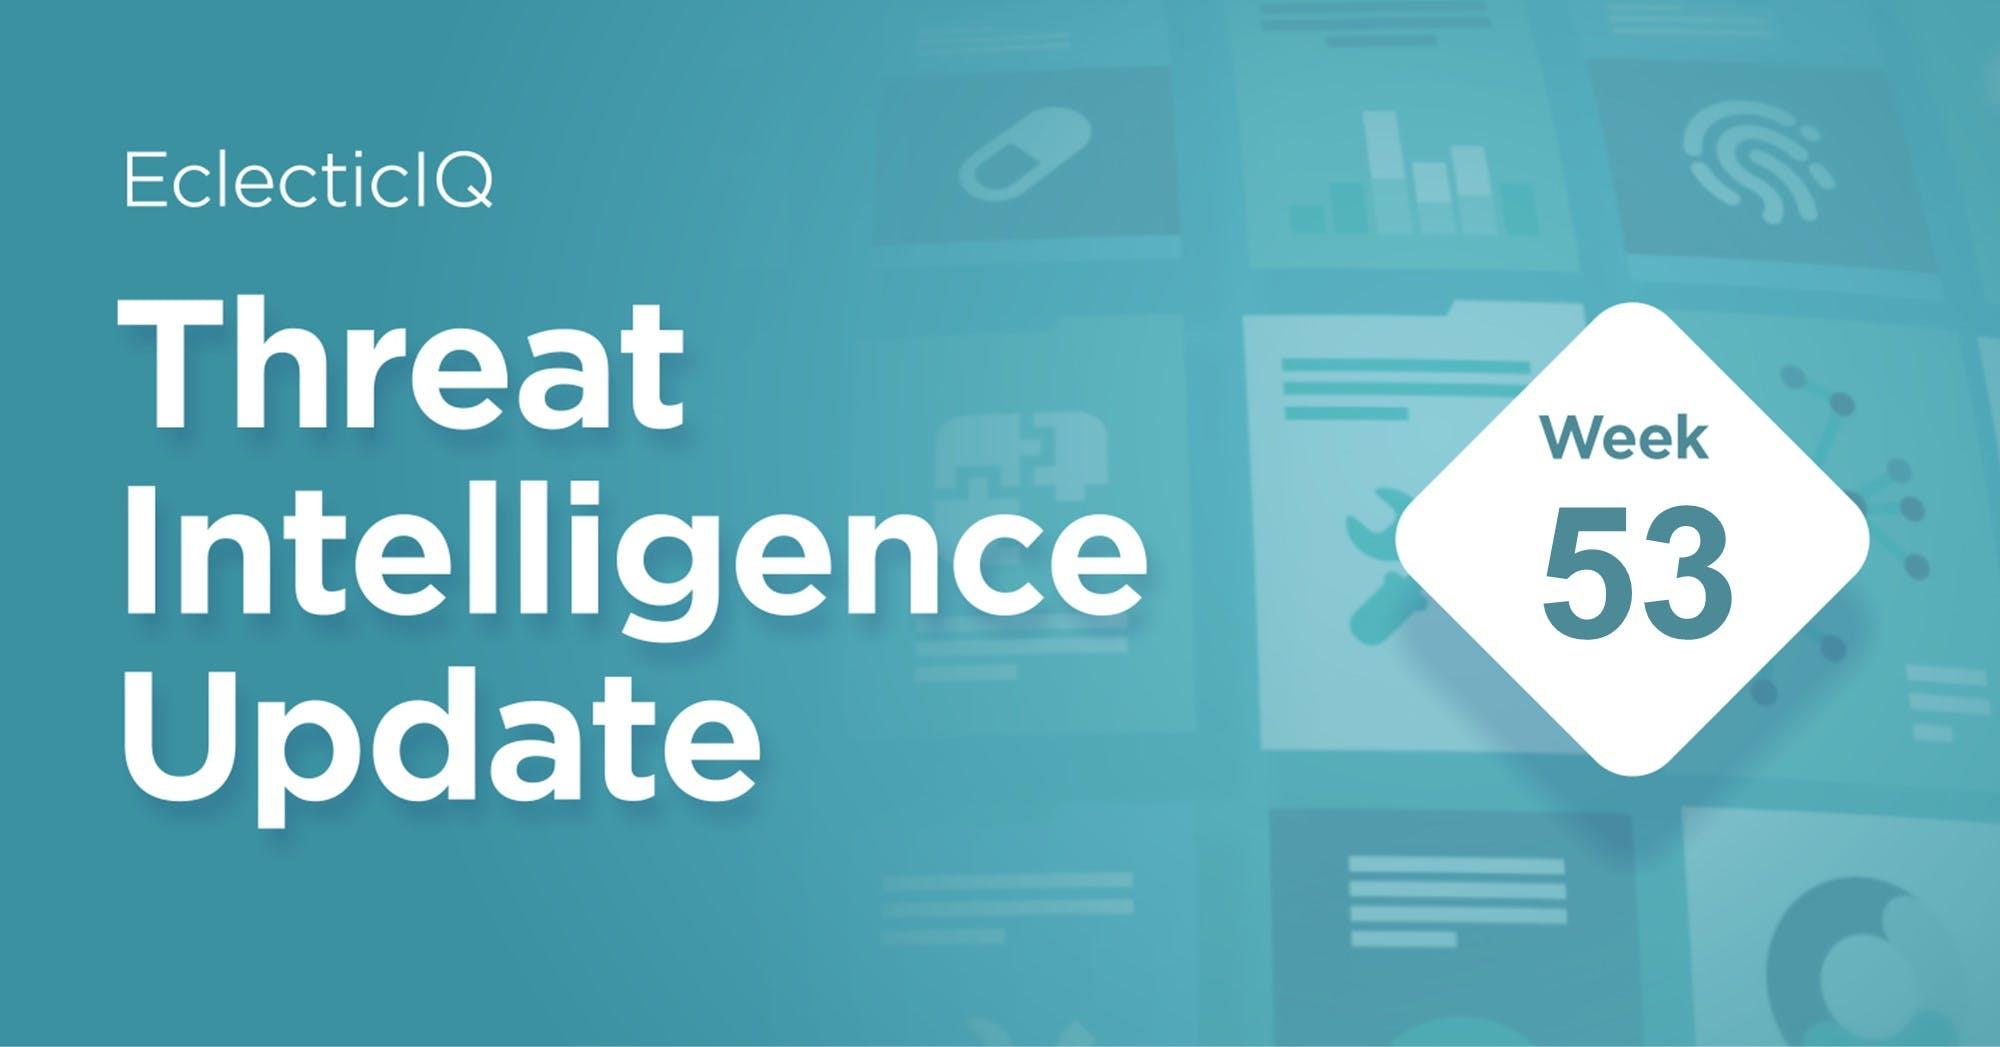 Week 53 Threat Intelligence Update Blog